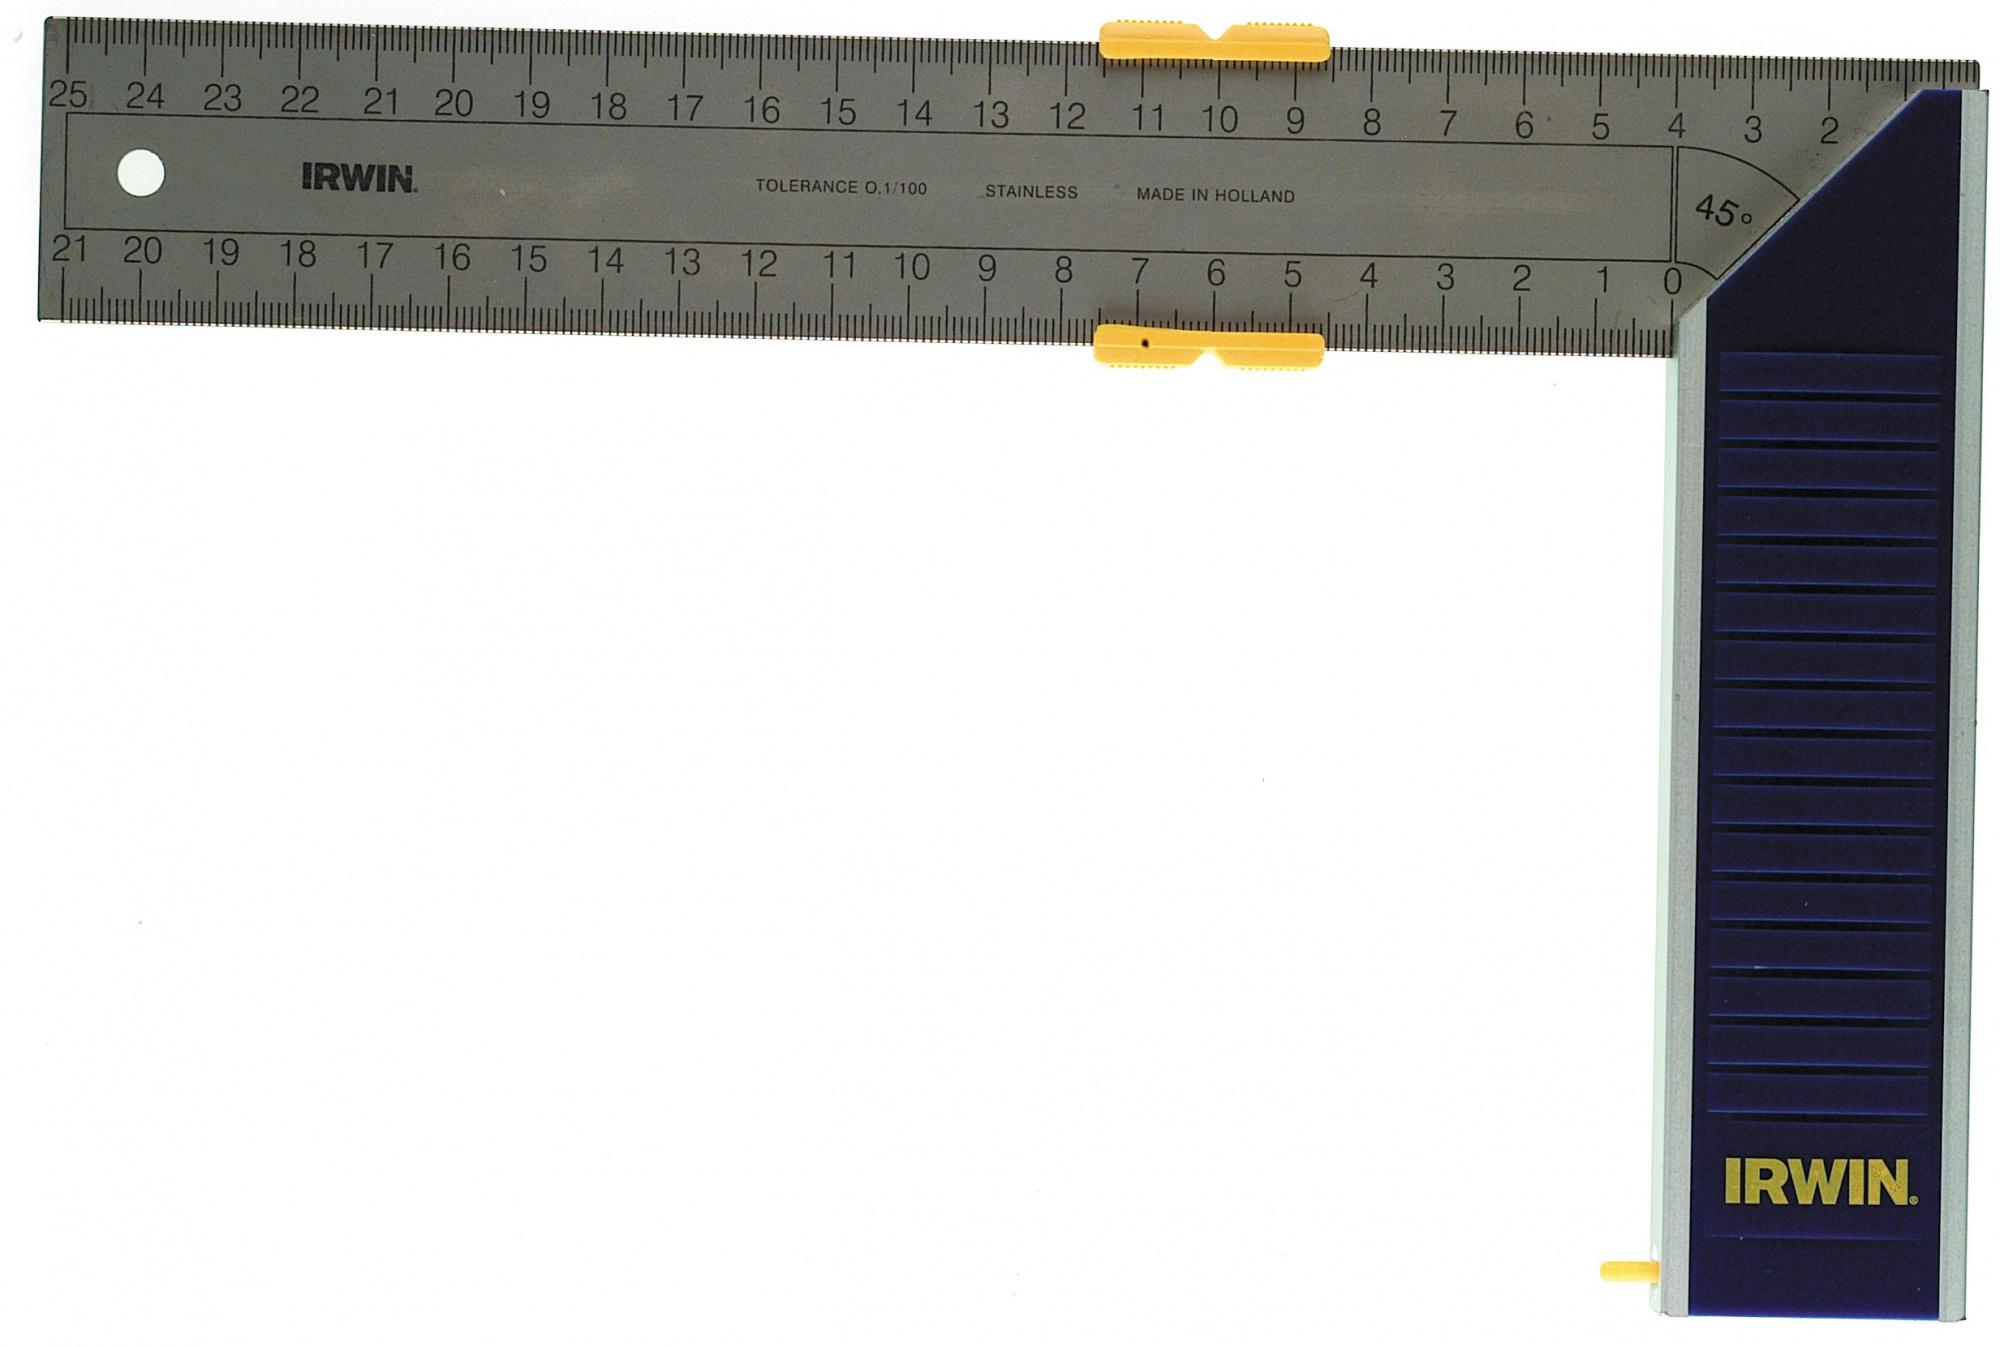 Irwin 250 мм (10503543) - угольник с бегунком